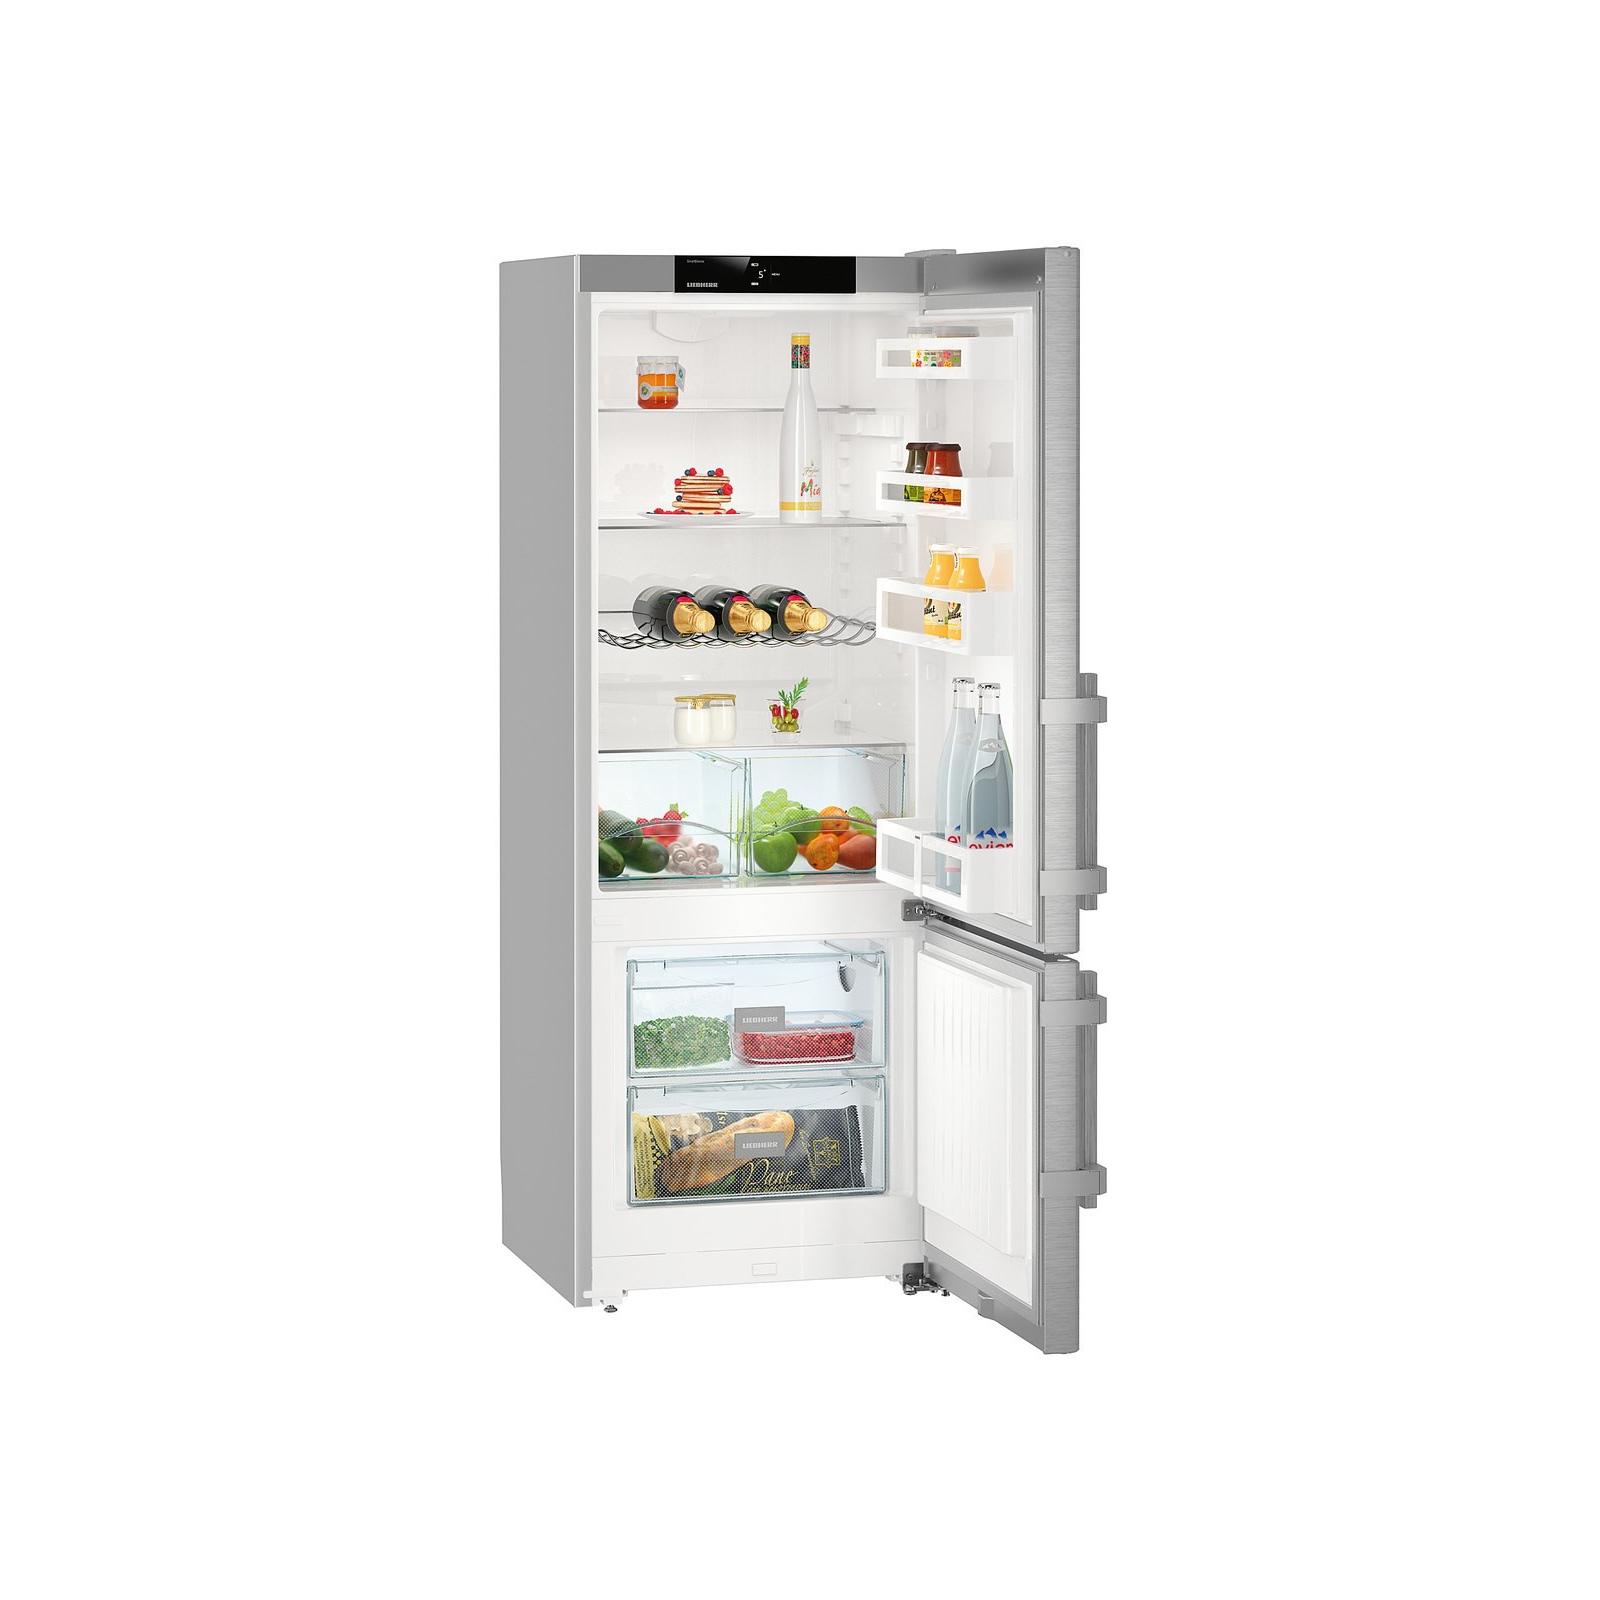 Холодильник Liebherr CUef 2915 изображение 6